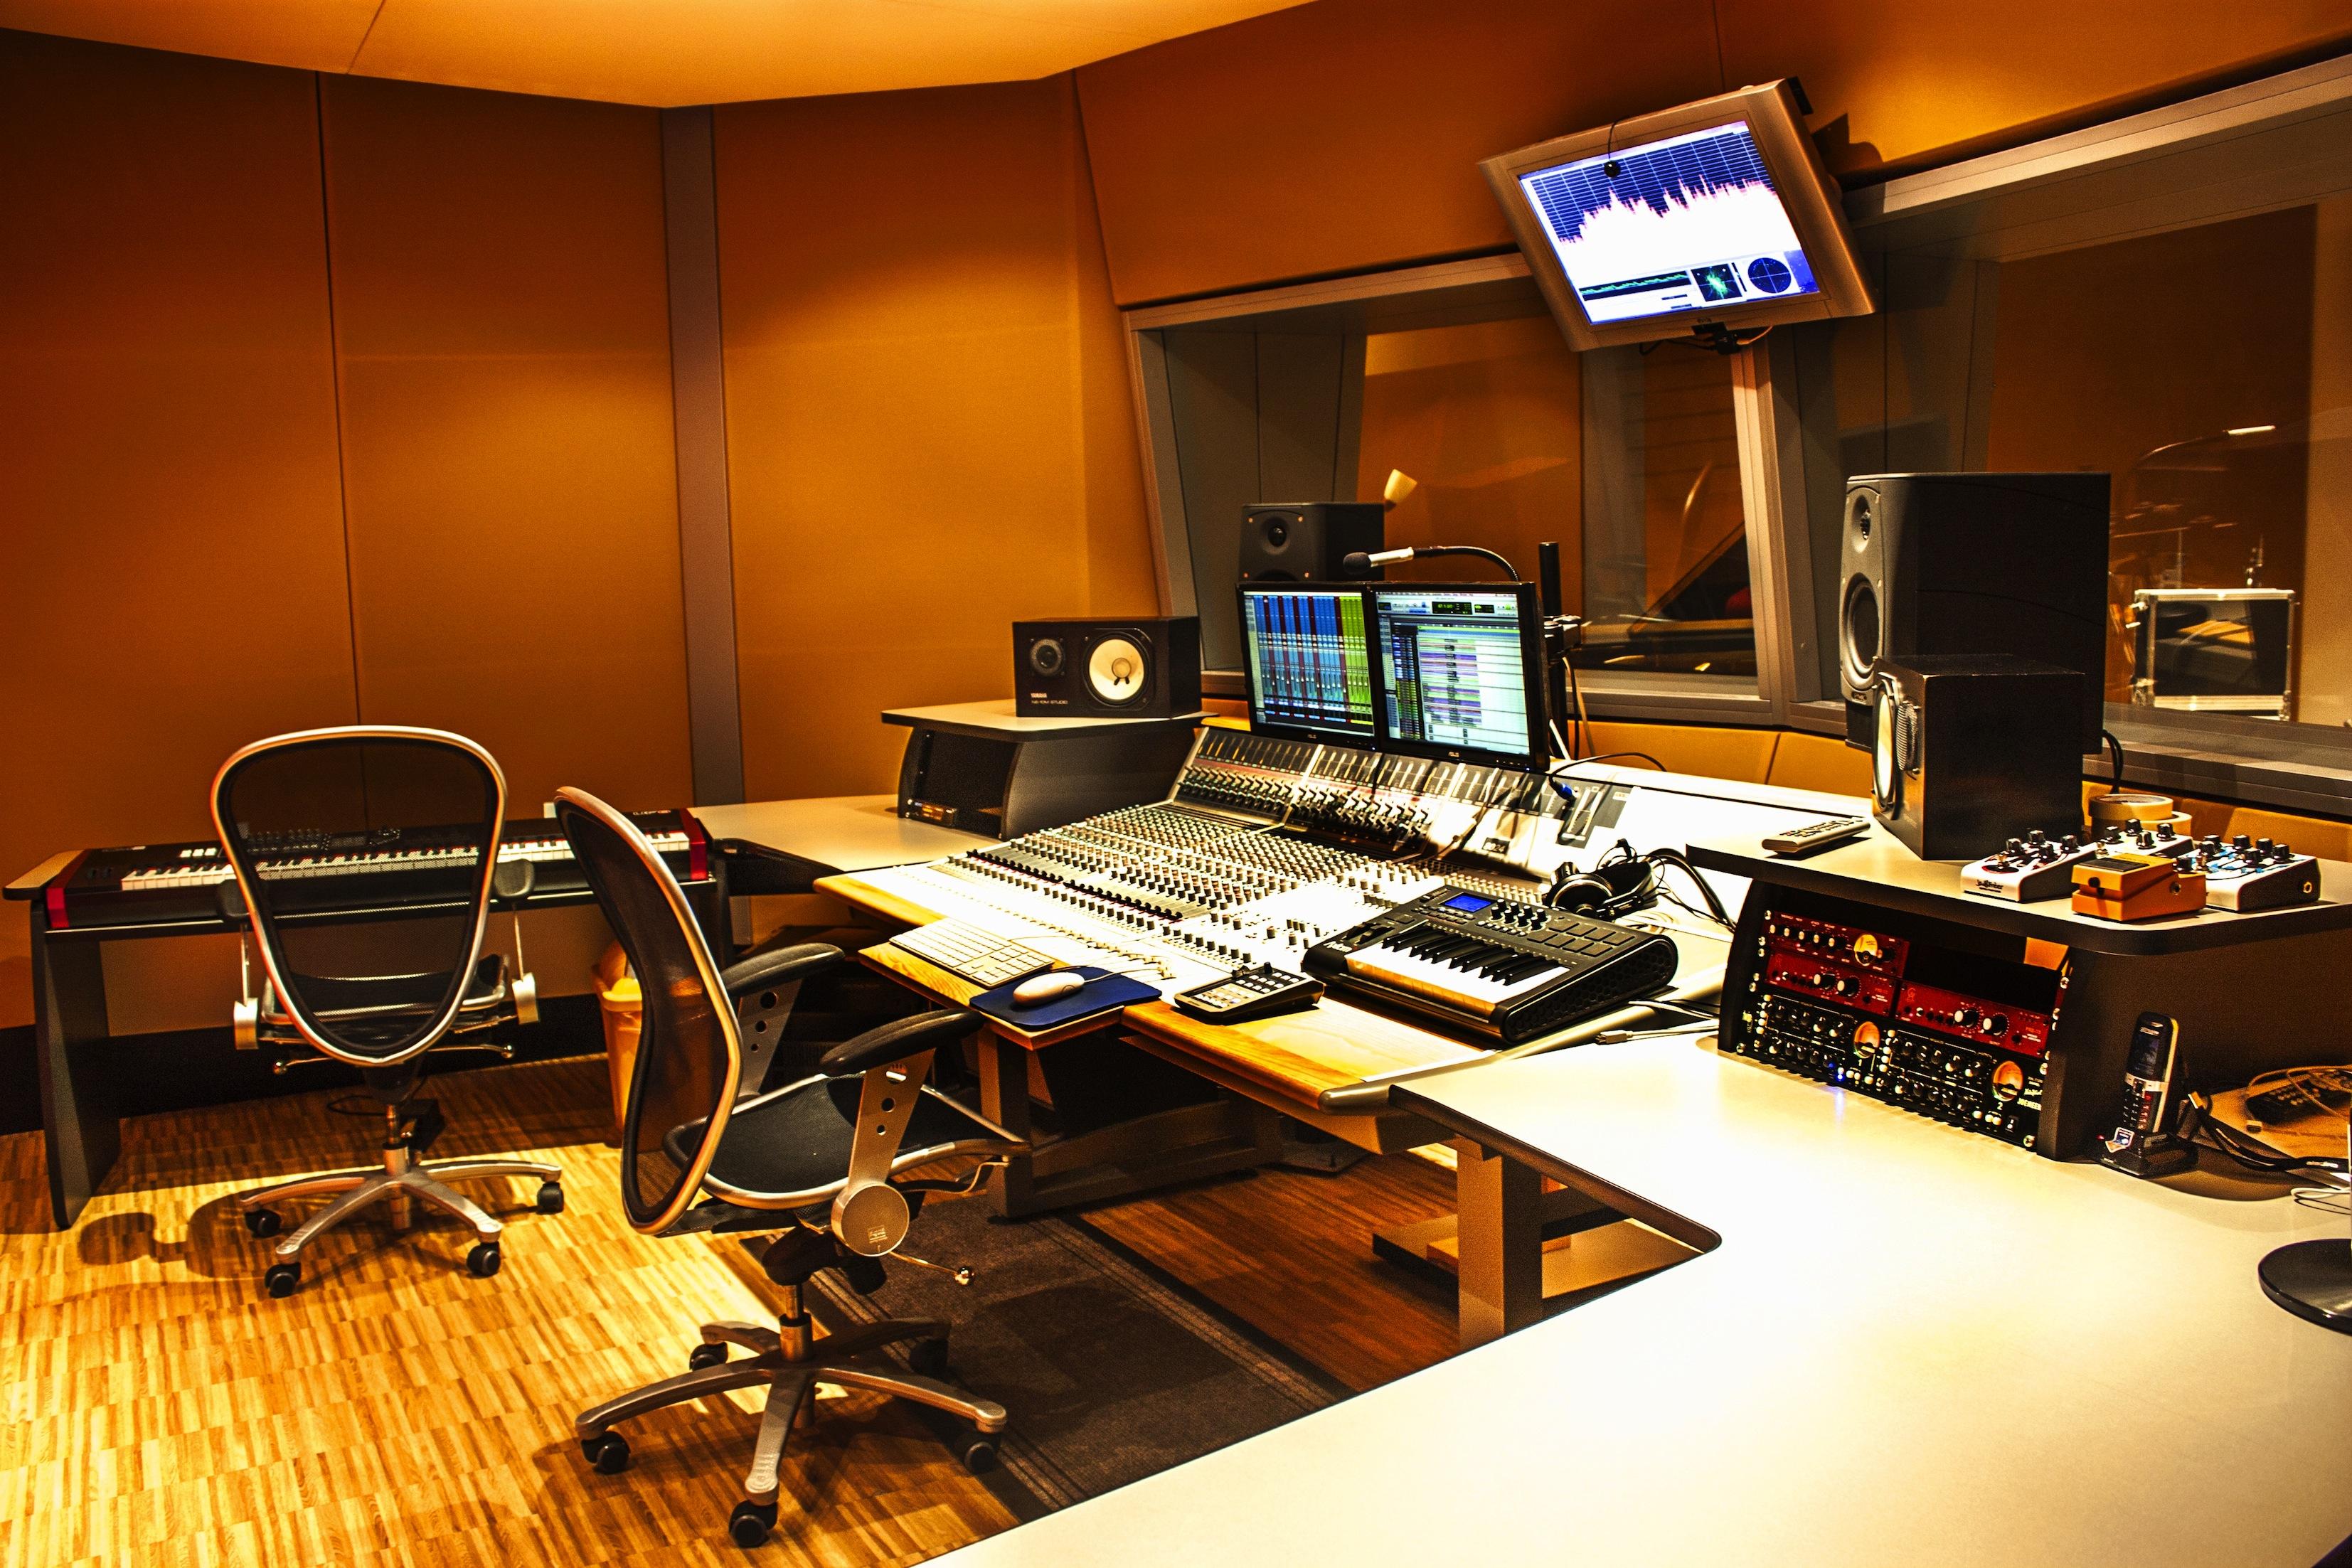 Santorso la sala musicale diventa studio di registrazione altovicentinonline - Studio di registrazione in casa ...